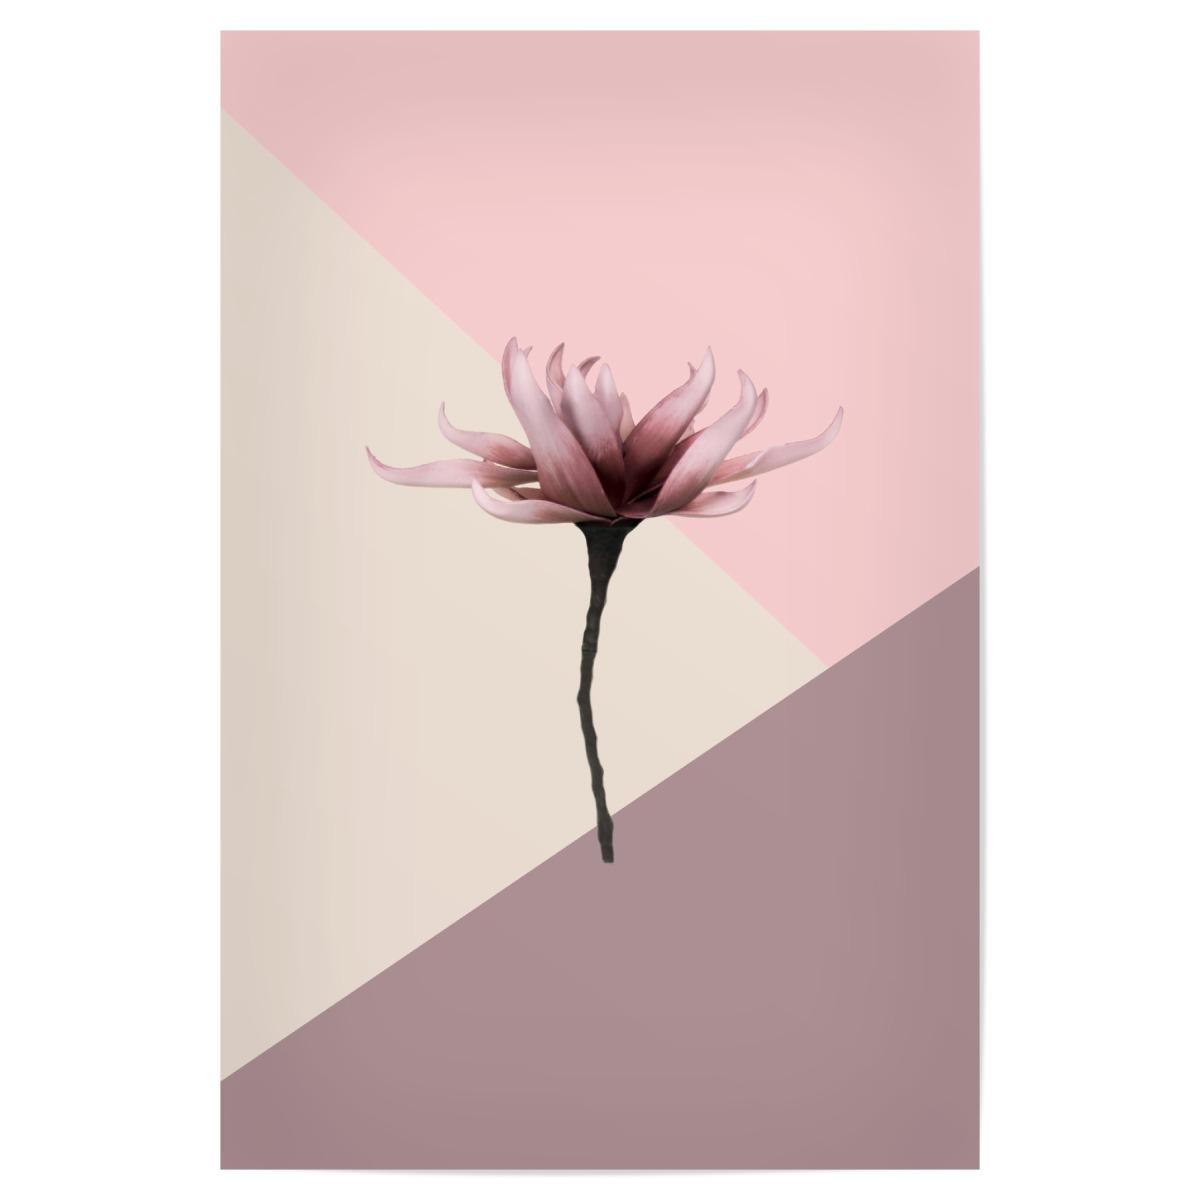 Aesthetic Flower 20x20 cm Poster